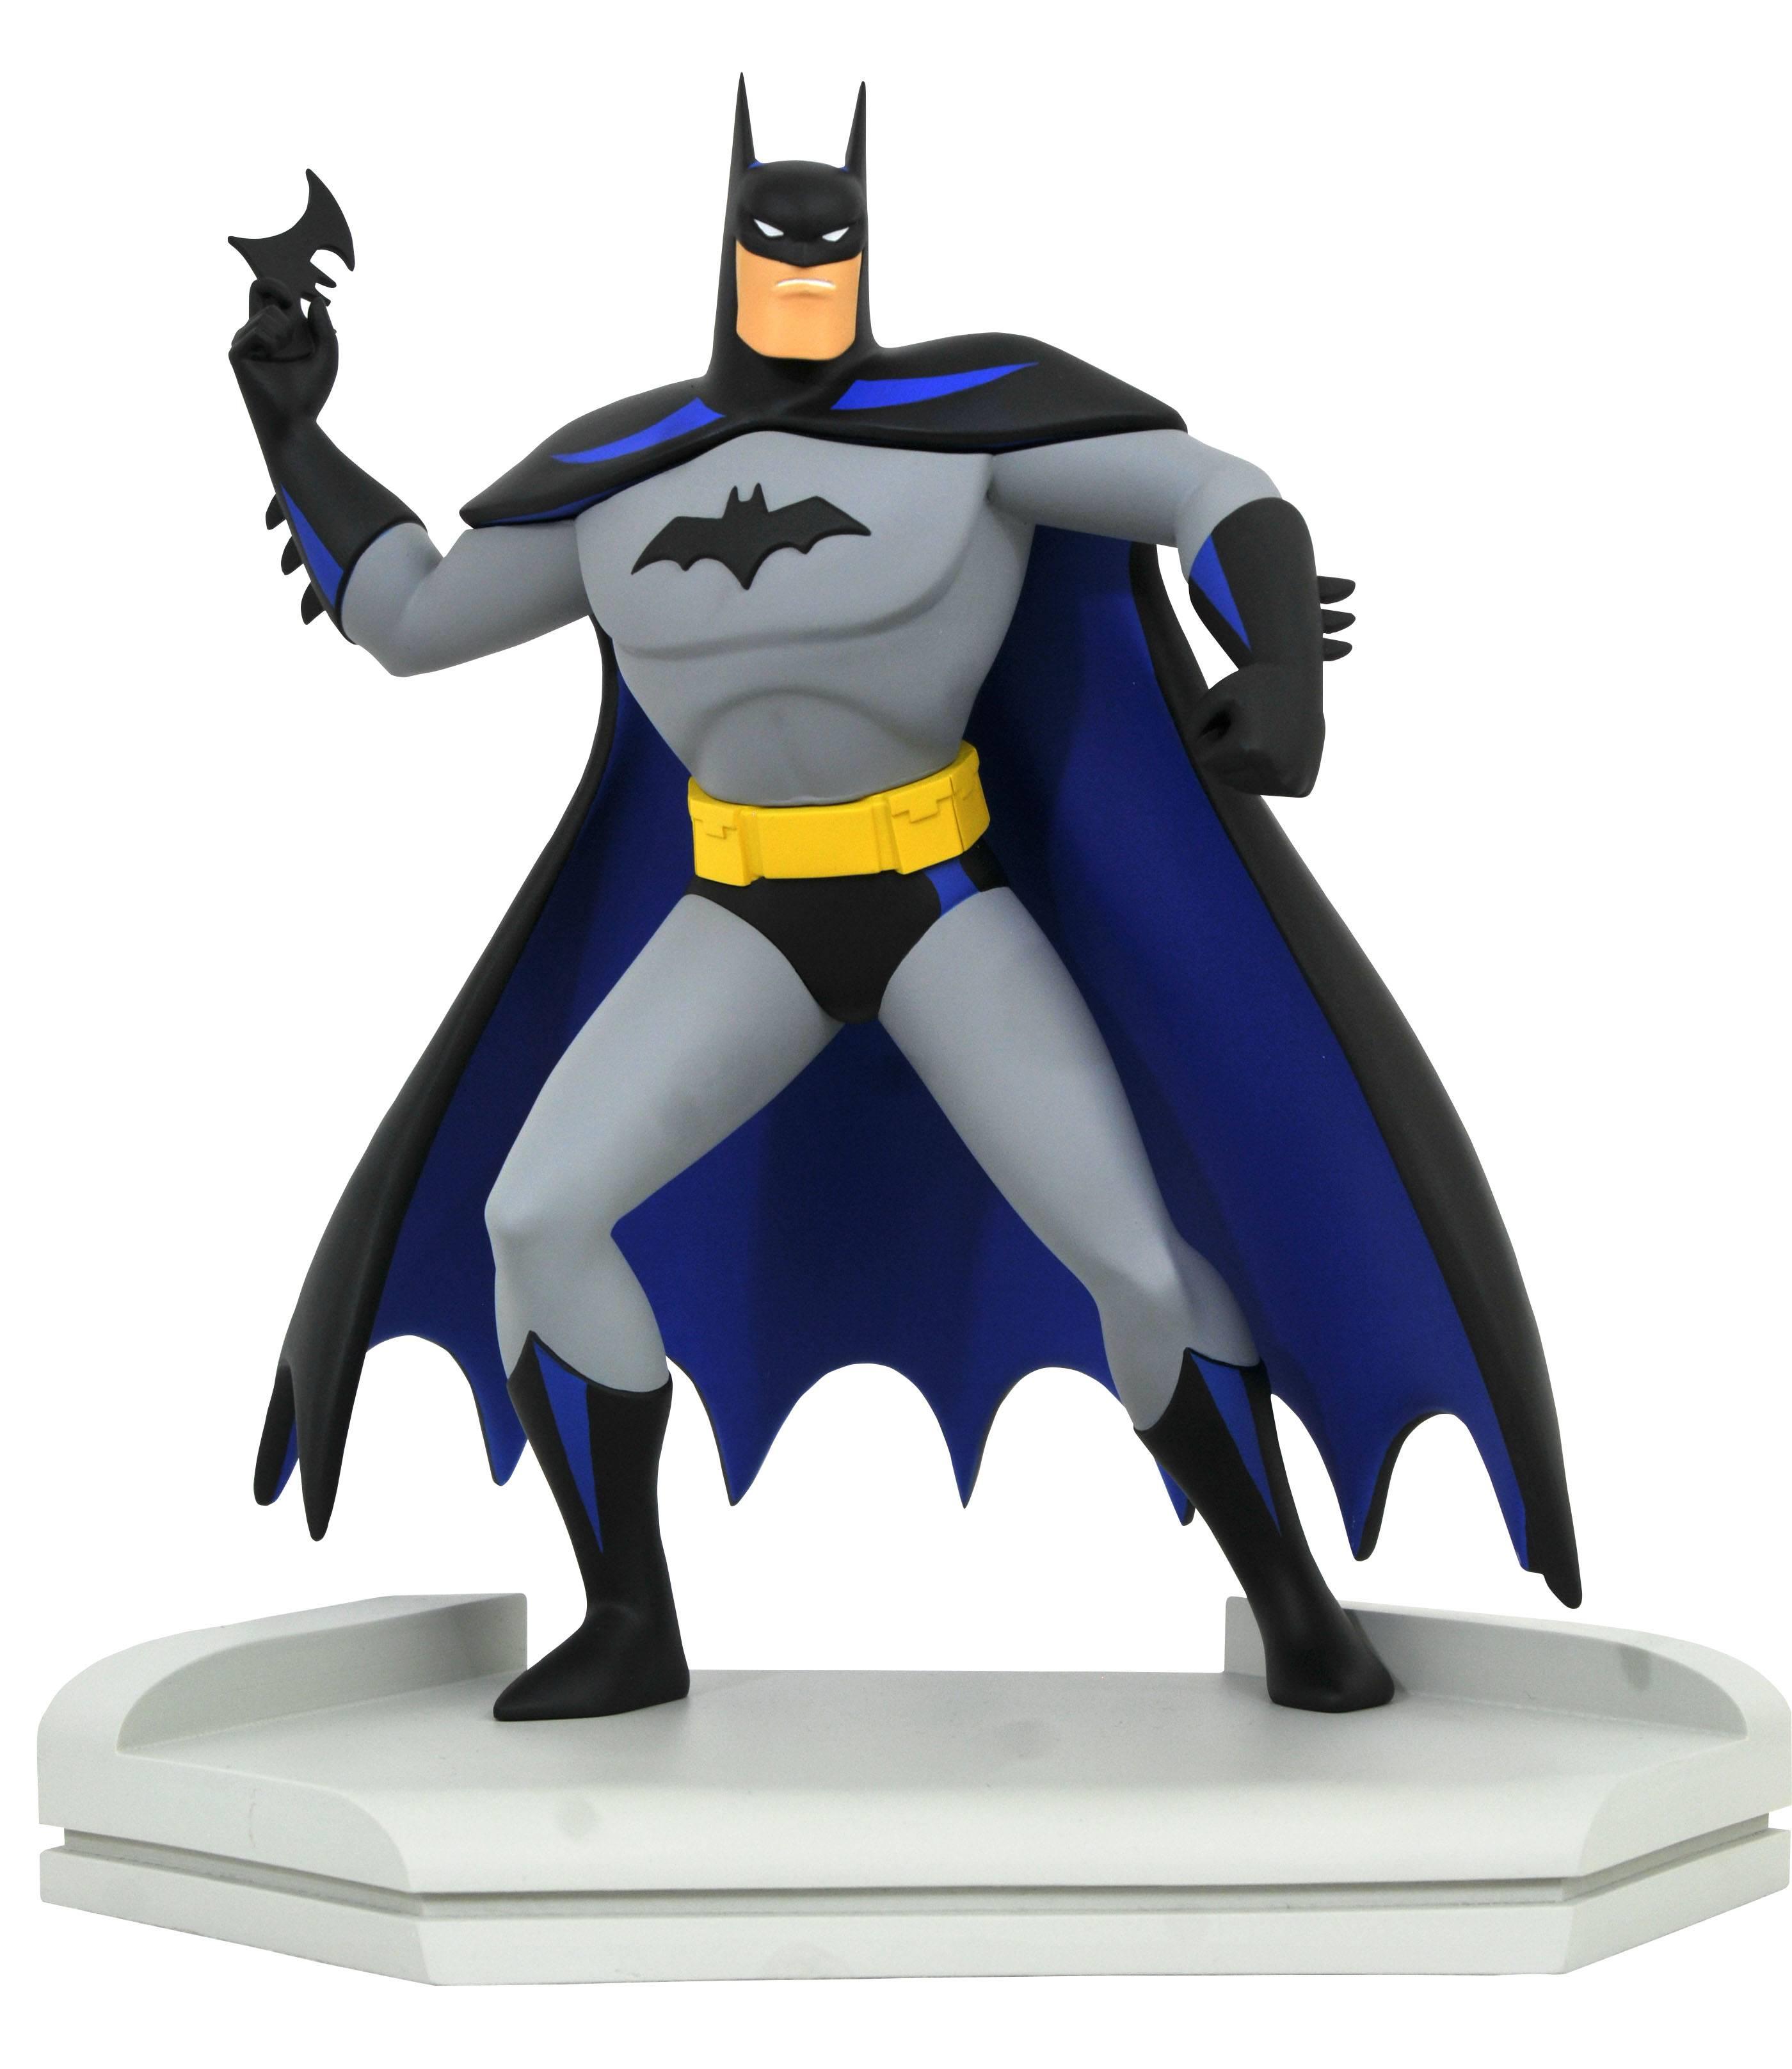 DC Premiere Collection - Batman The Animated Series - Batman Statue